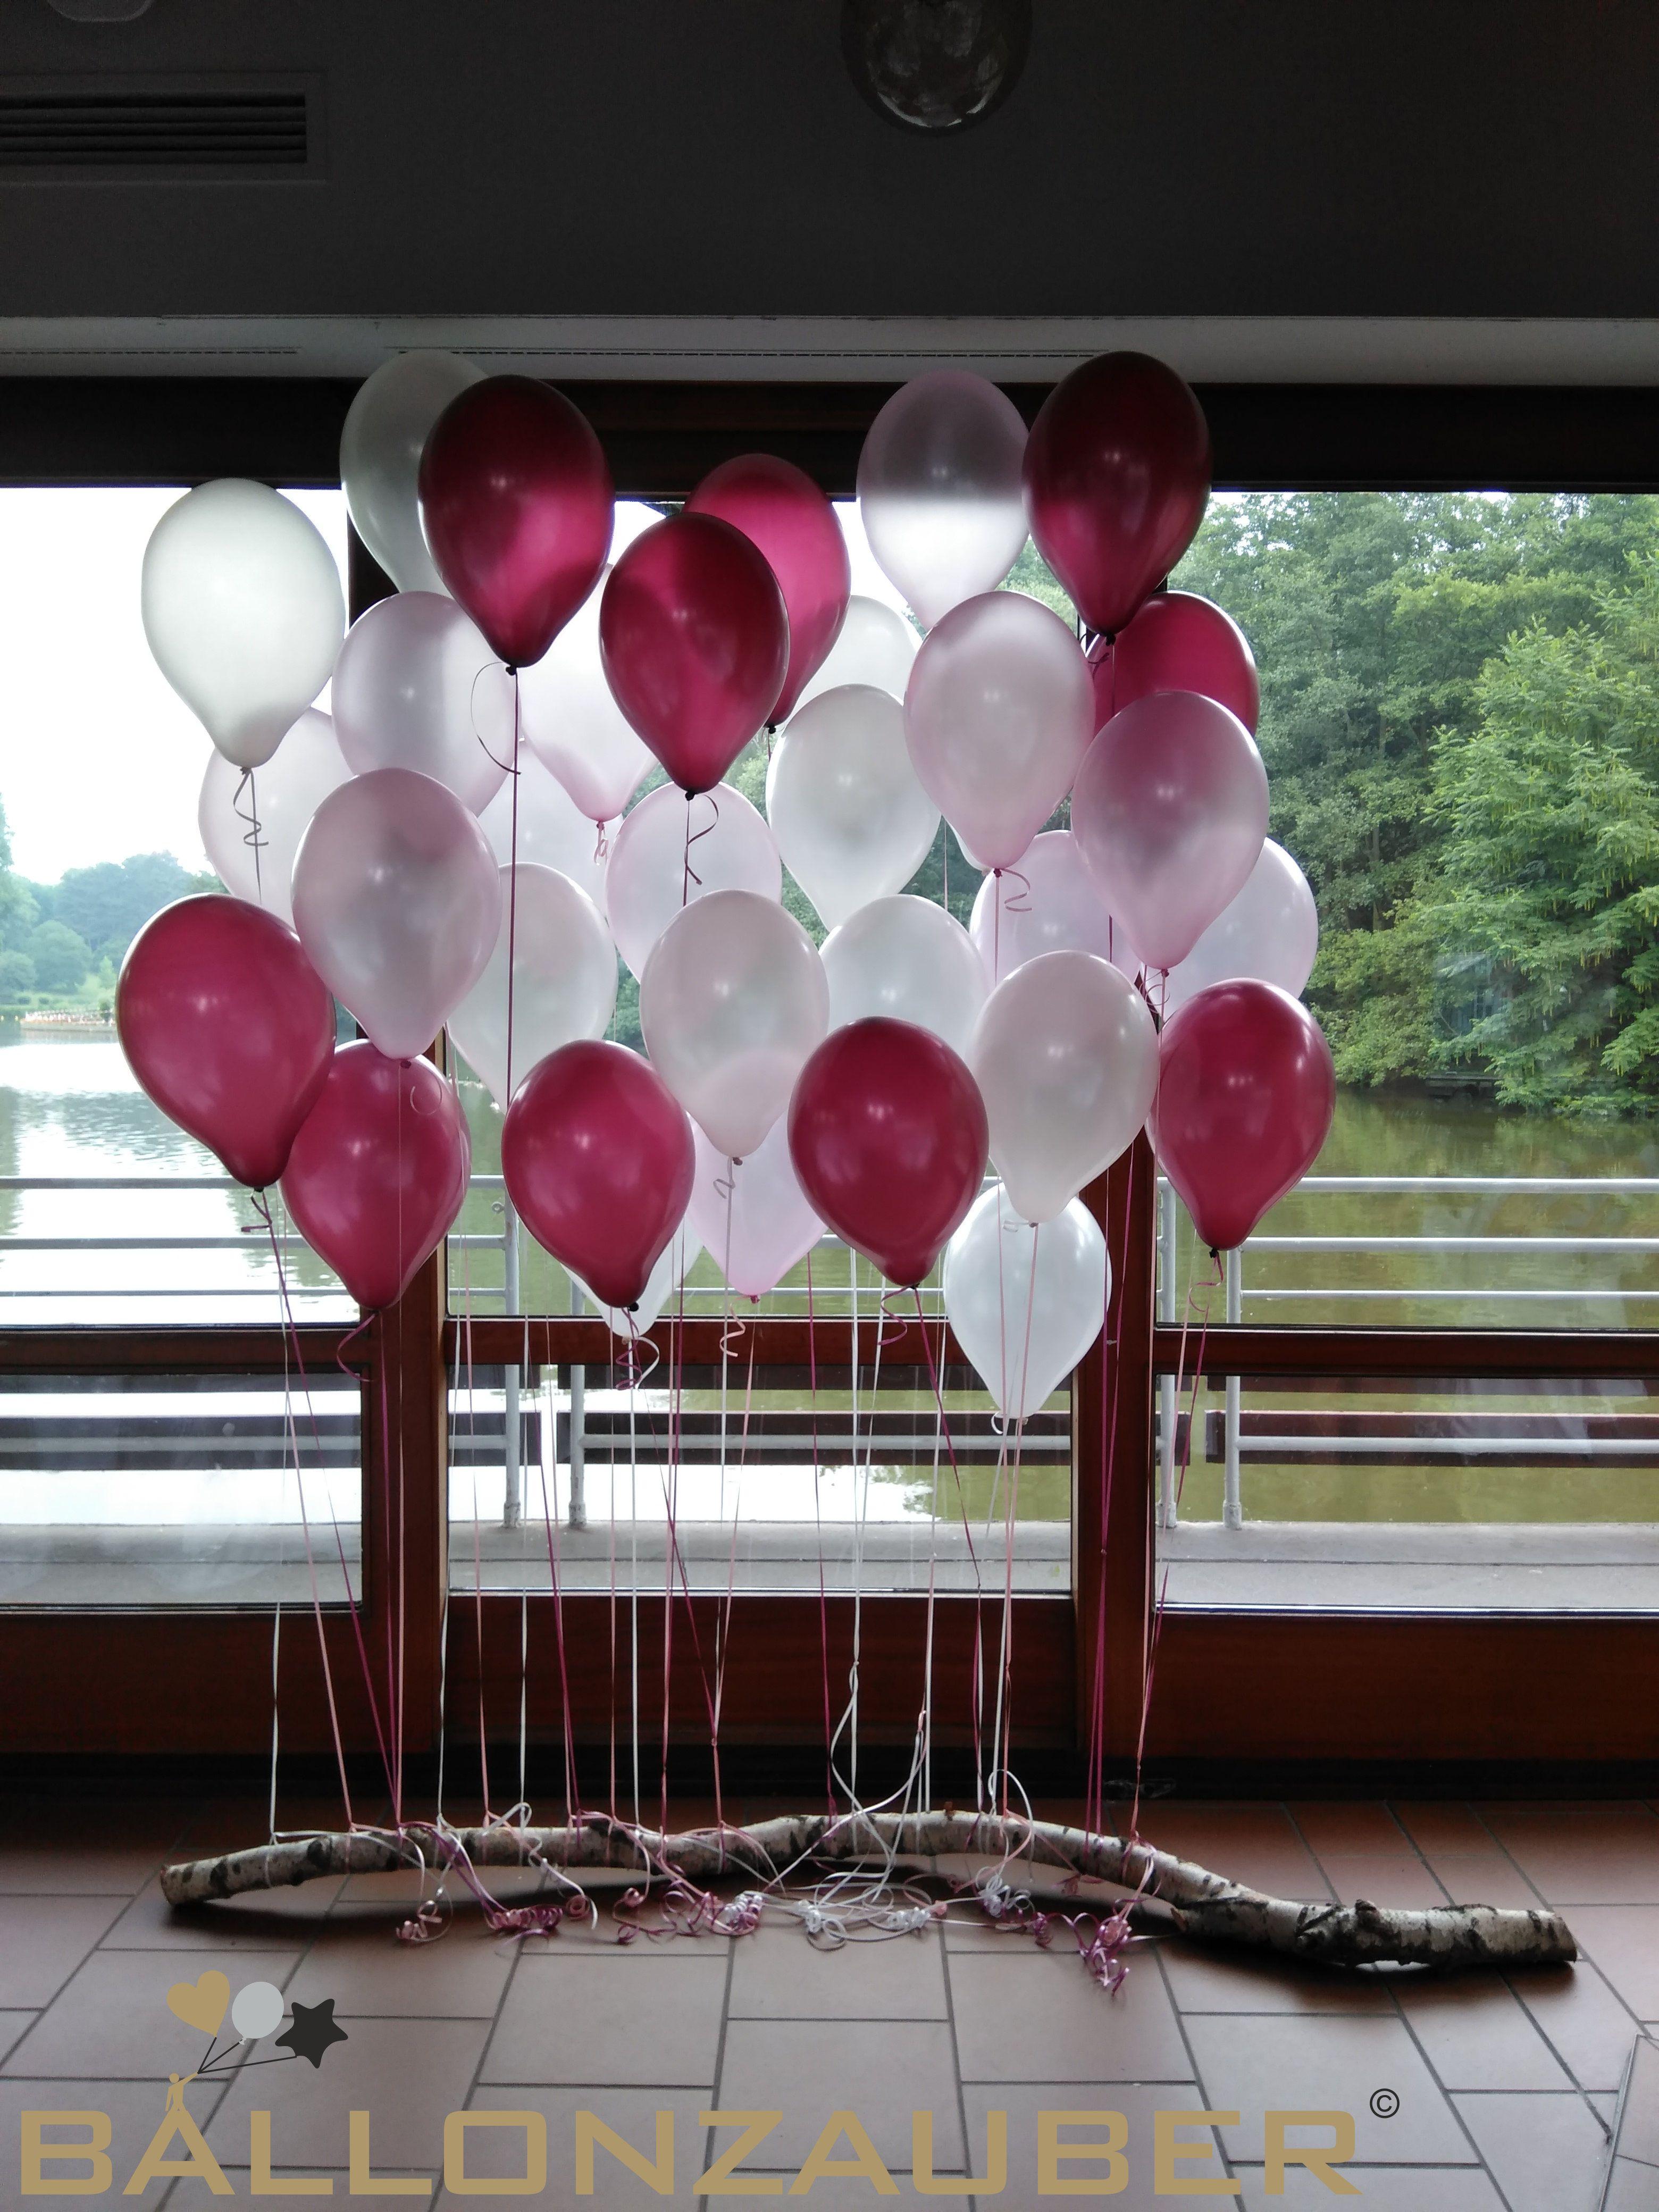 Dekorieren Mit Ballons Fotohintergrund Oder Wunschewand Aus Roten Und Weissen Latexballons An Einem Ast Gebun Ballonwand Luftballons Hochzeit Foto Hintergrund